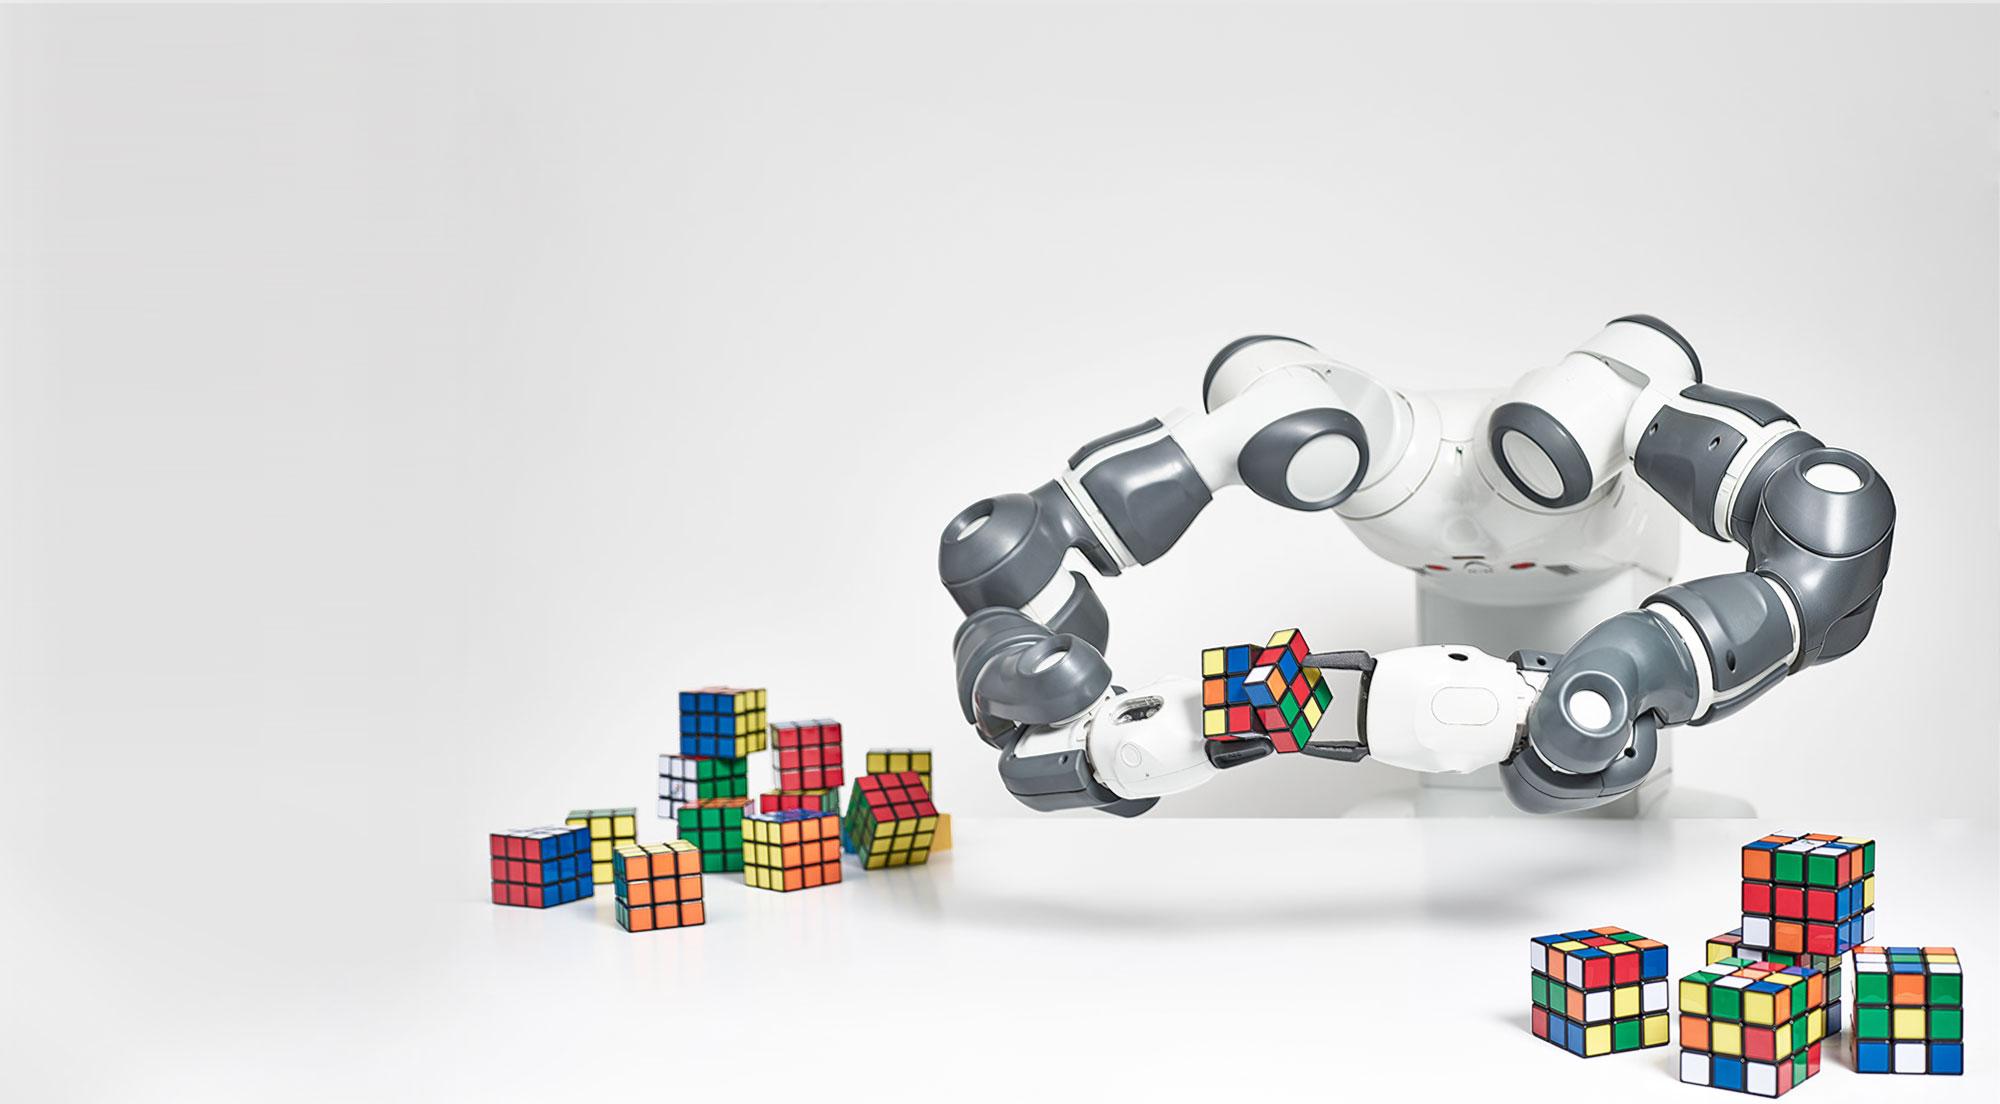 Vicarious - producent oprogramowania dla robotów, który od 10 lat chce zmienić świat. Zaufali mu miliarderzy